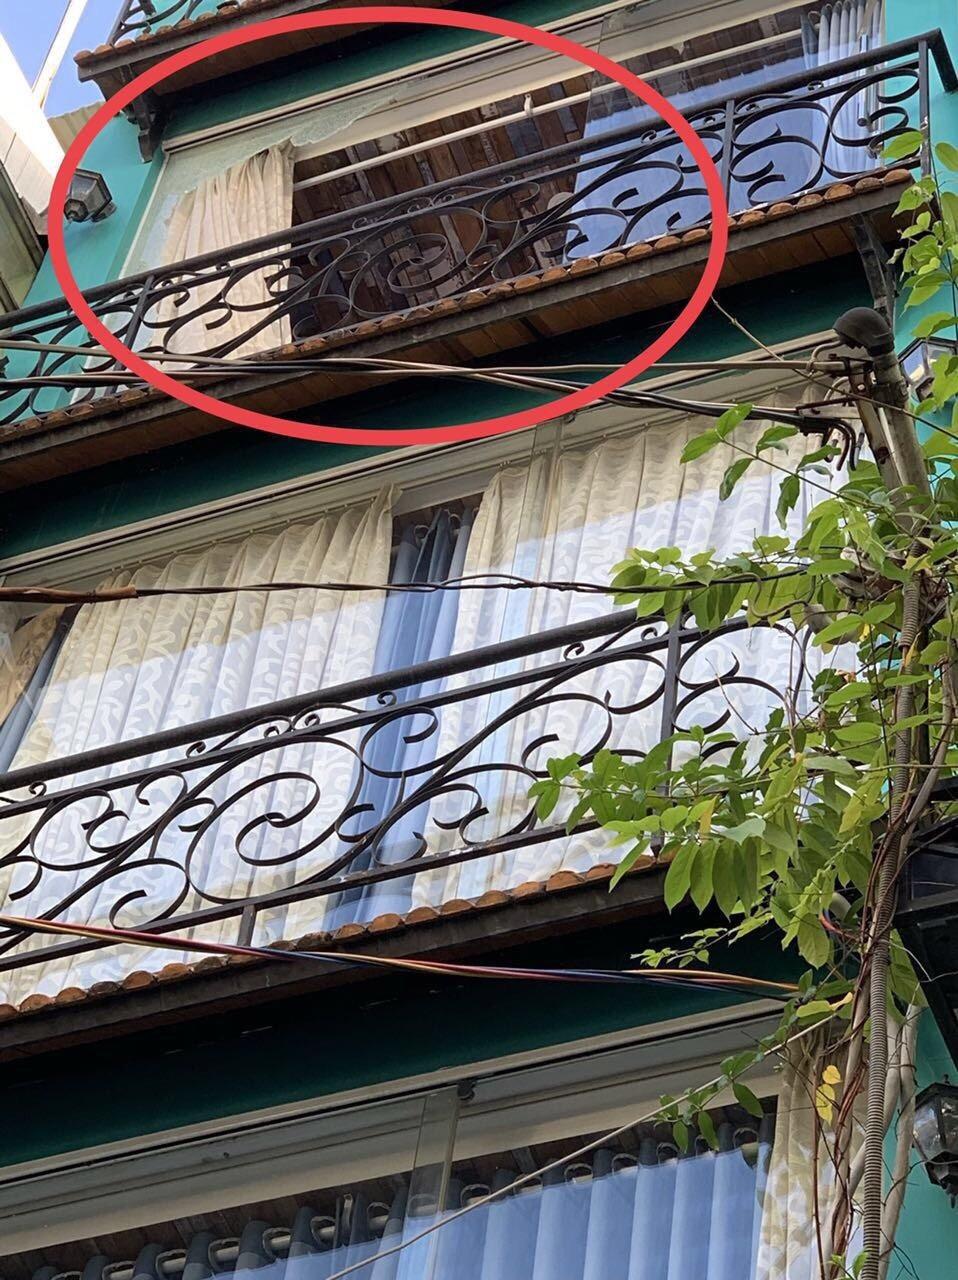 Hàng loạt căn nhà ở trung tâm Sài Gòn bị bắn vỡ kính vì lý do... bất ngờ - Ảnh 1.